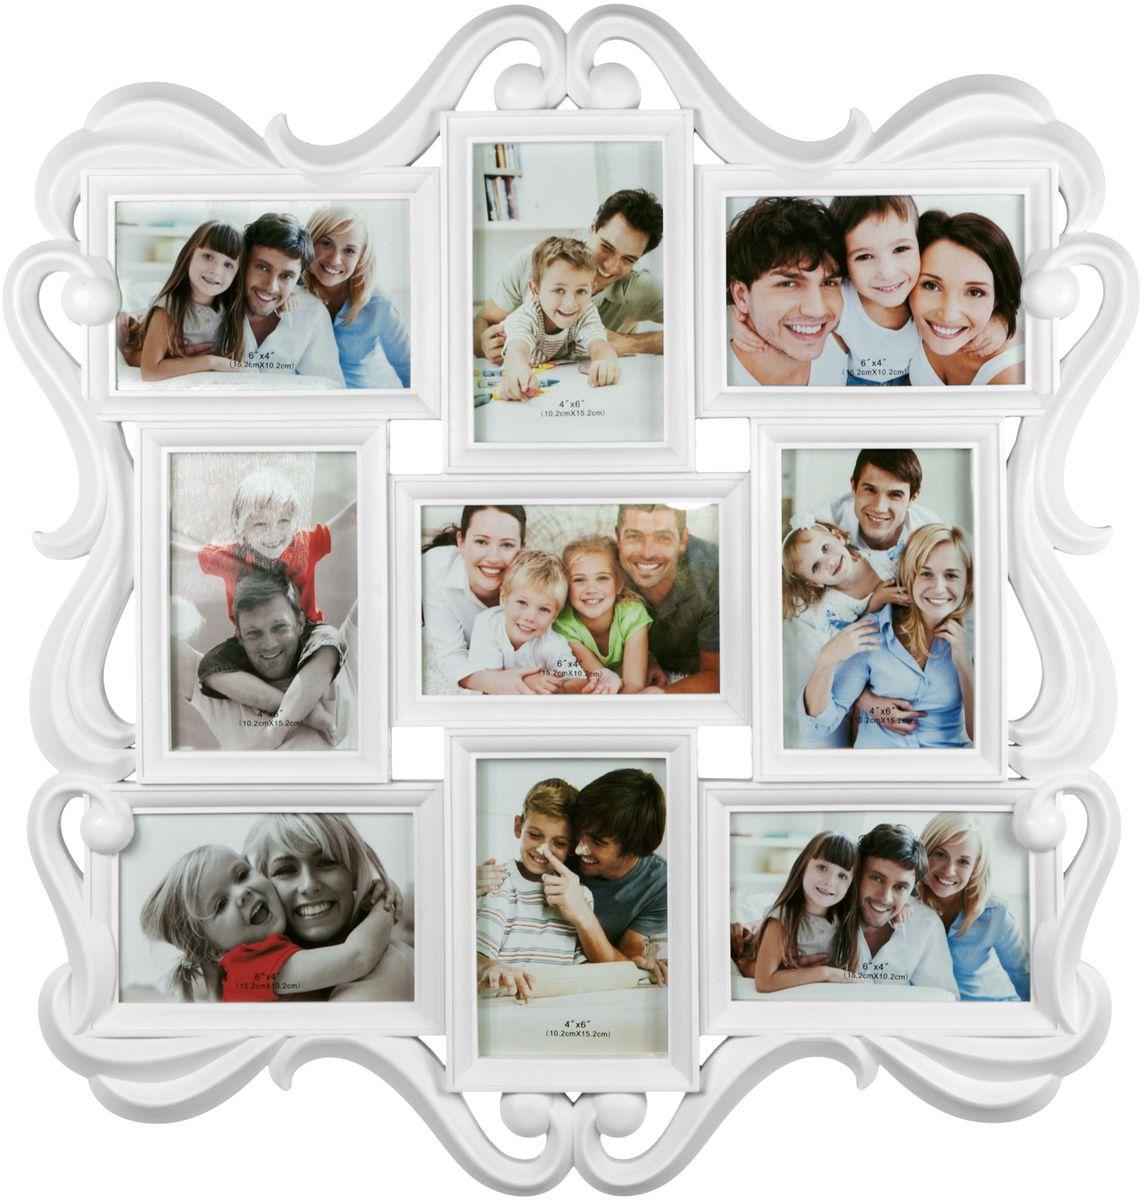 Фоторамка Platinum, цвет: белый, на 9 фото, 10 х 15 см. BIN-1122982-W фоторамка platinum цвет мультиколор на 9 фото 10 х 15 см bin 1122651